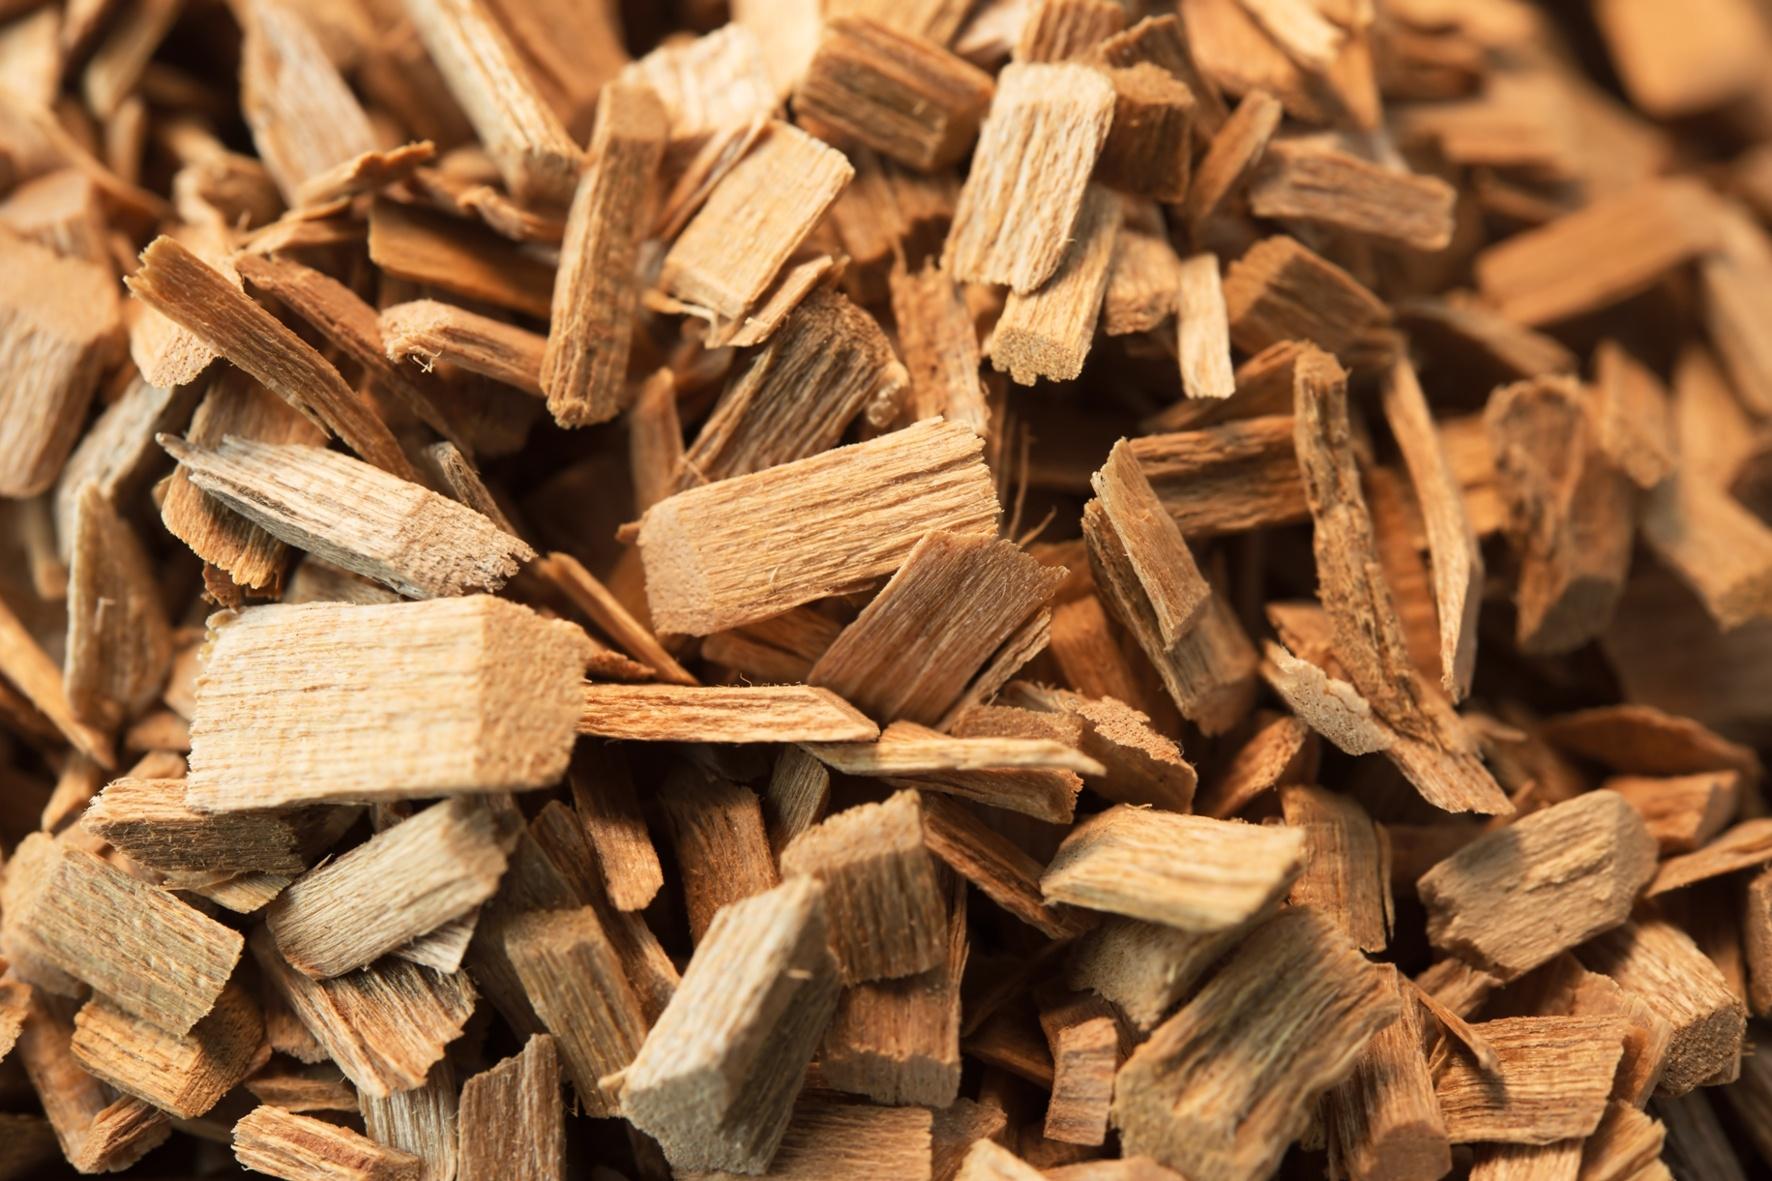 Forschungsprojekt: Umwandlung von Biomasse in Biokraftstoffe